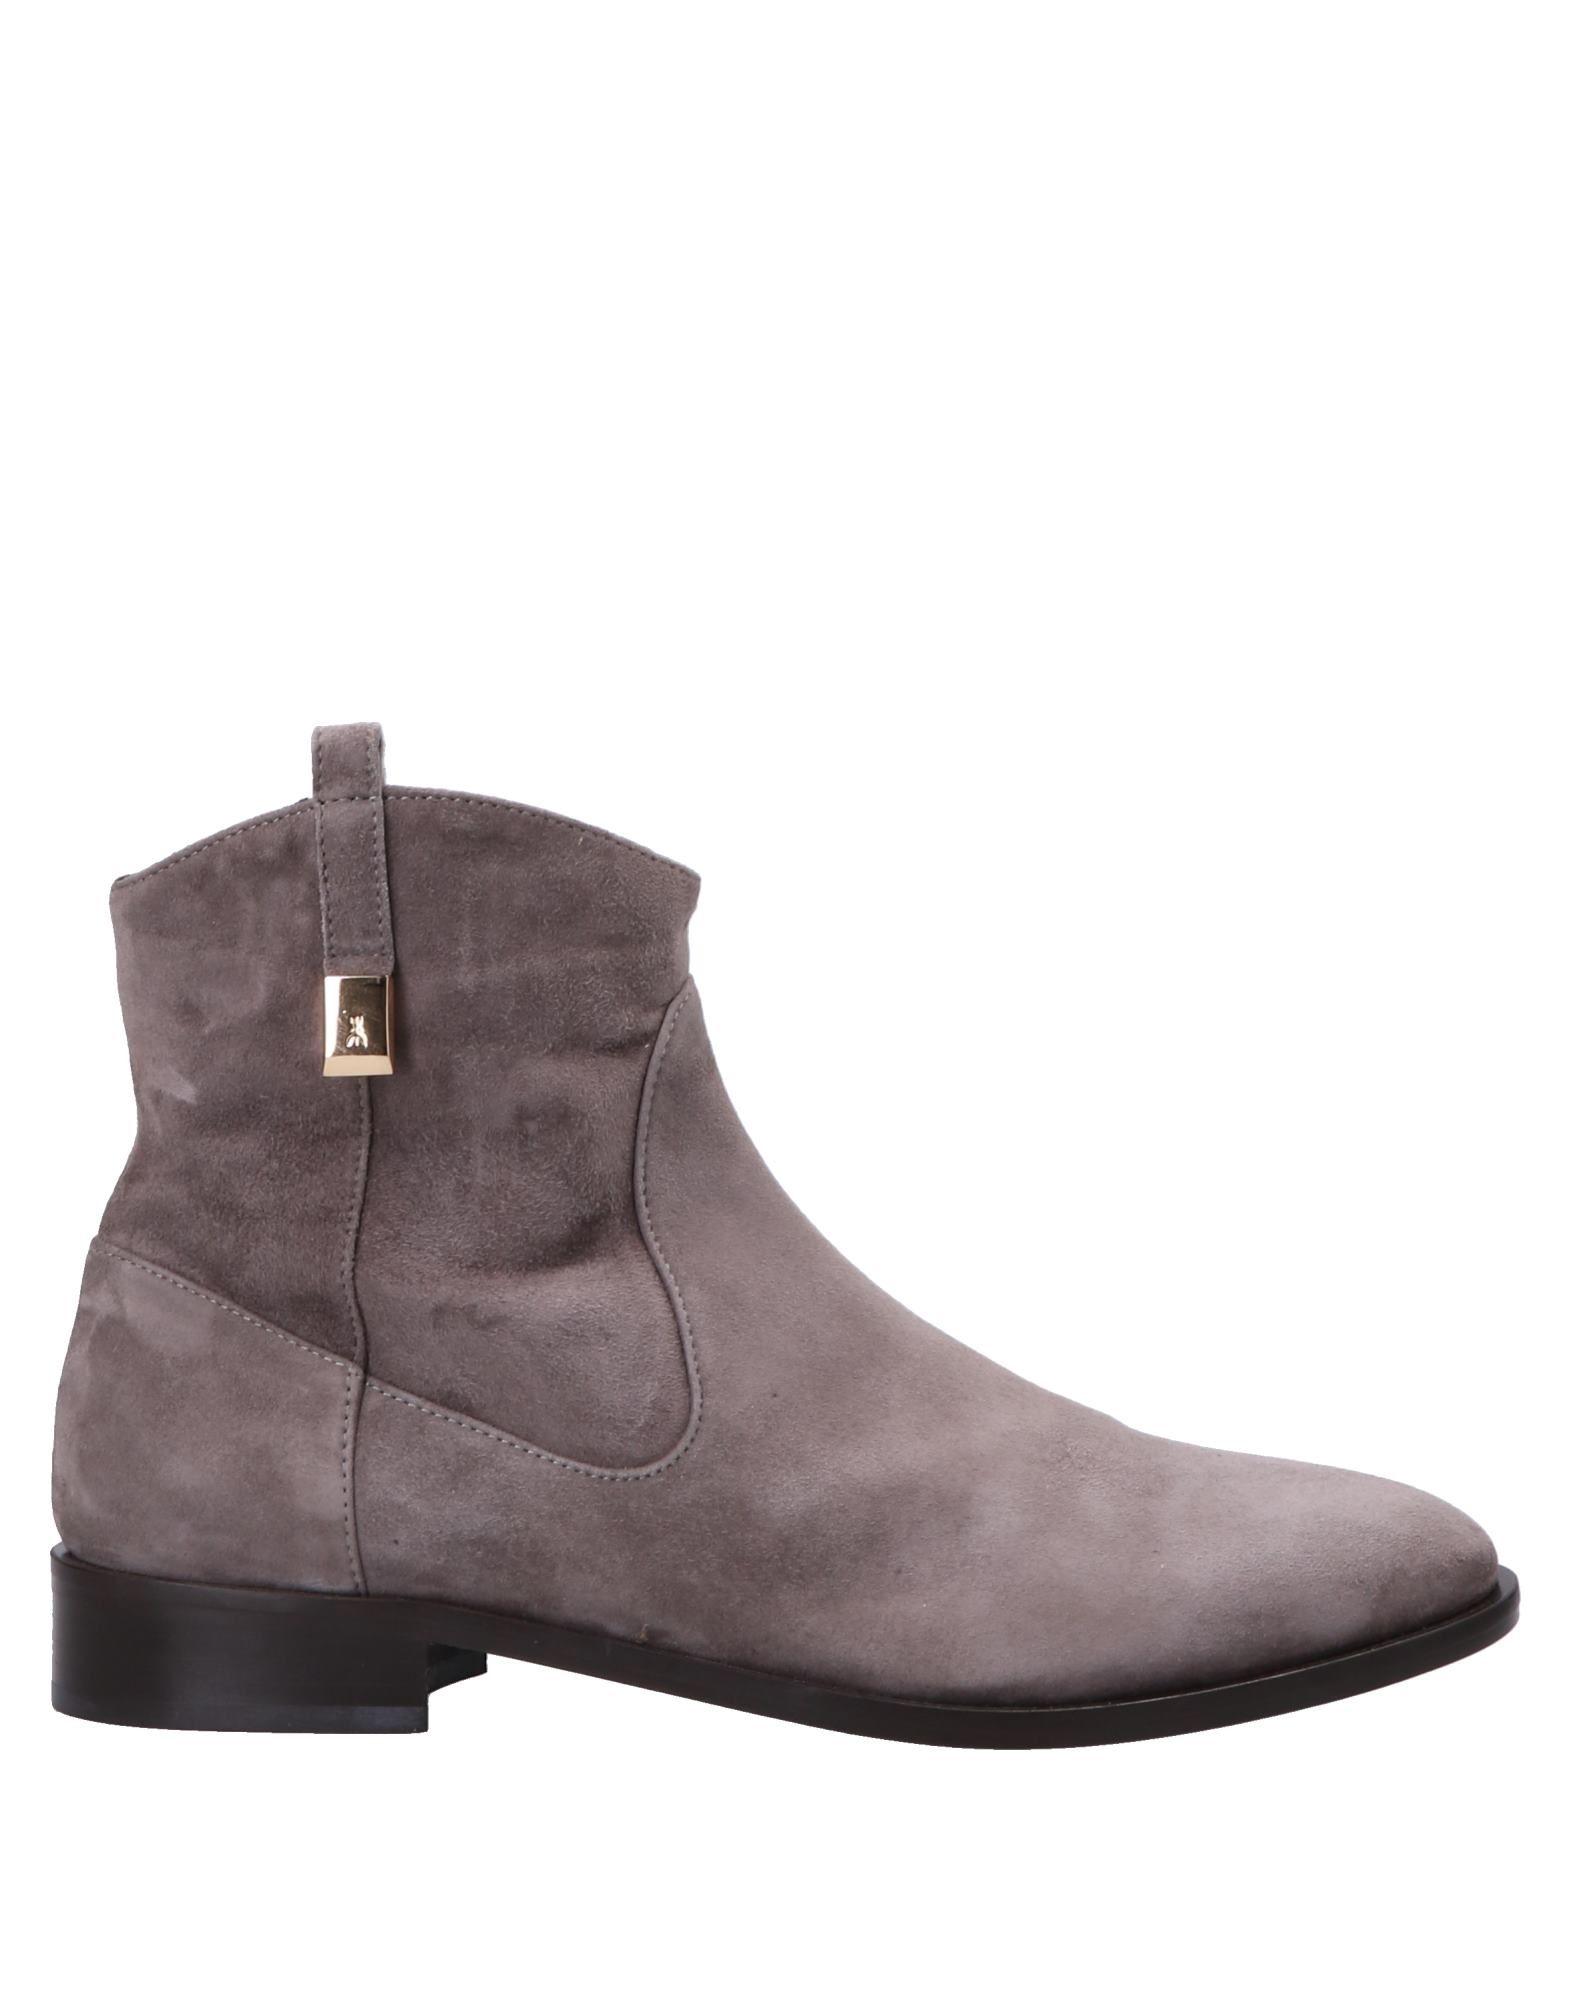 Stilvolle Stiefelette billige Schuhe Patrizia Pepe Stiefelette Stilvolle Damen  11527121XD 61752c